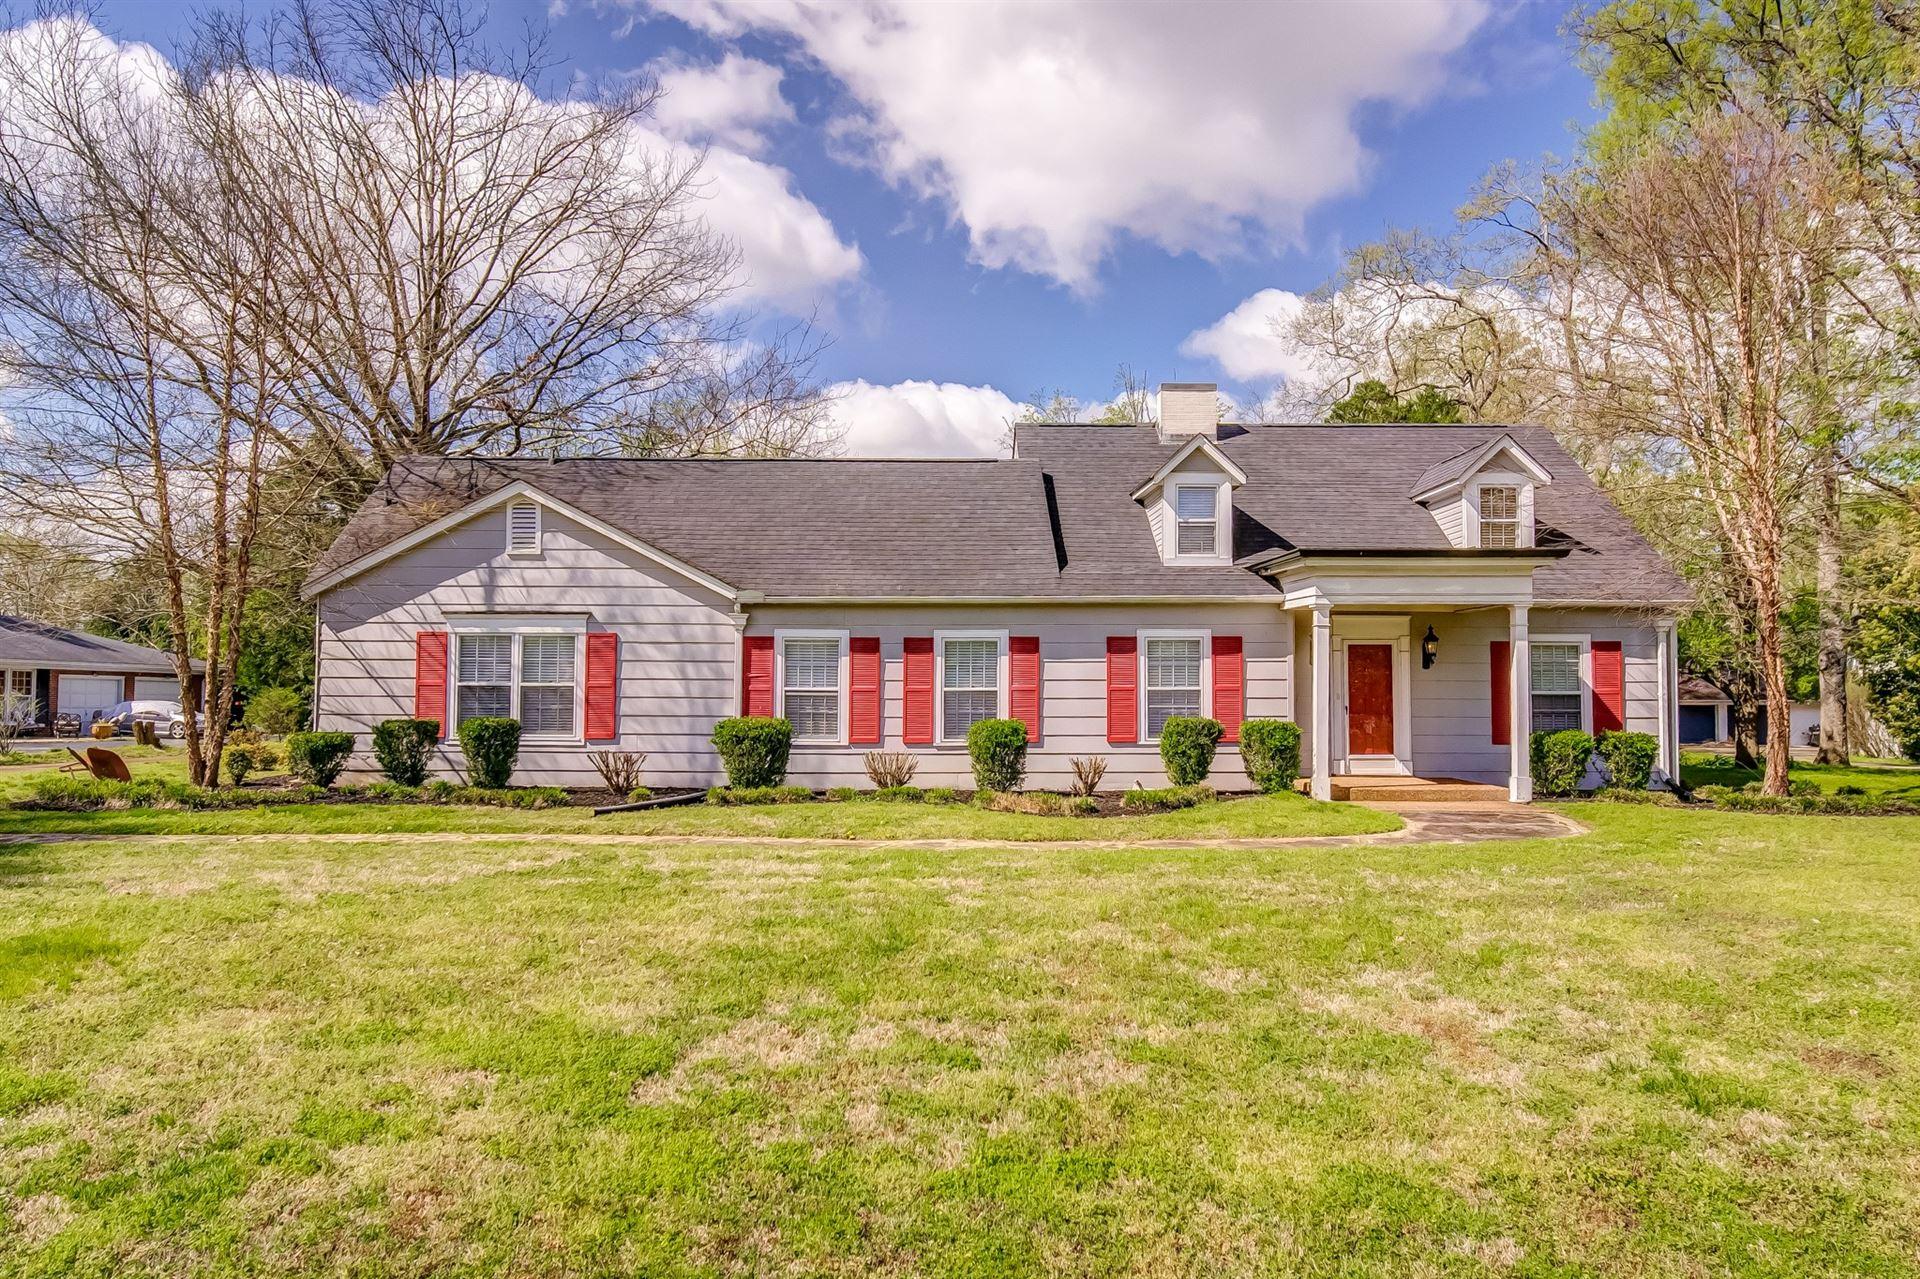 926 Broad St SE, Murfreesboro, TN 37130 - MLS#: 2137399